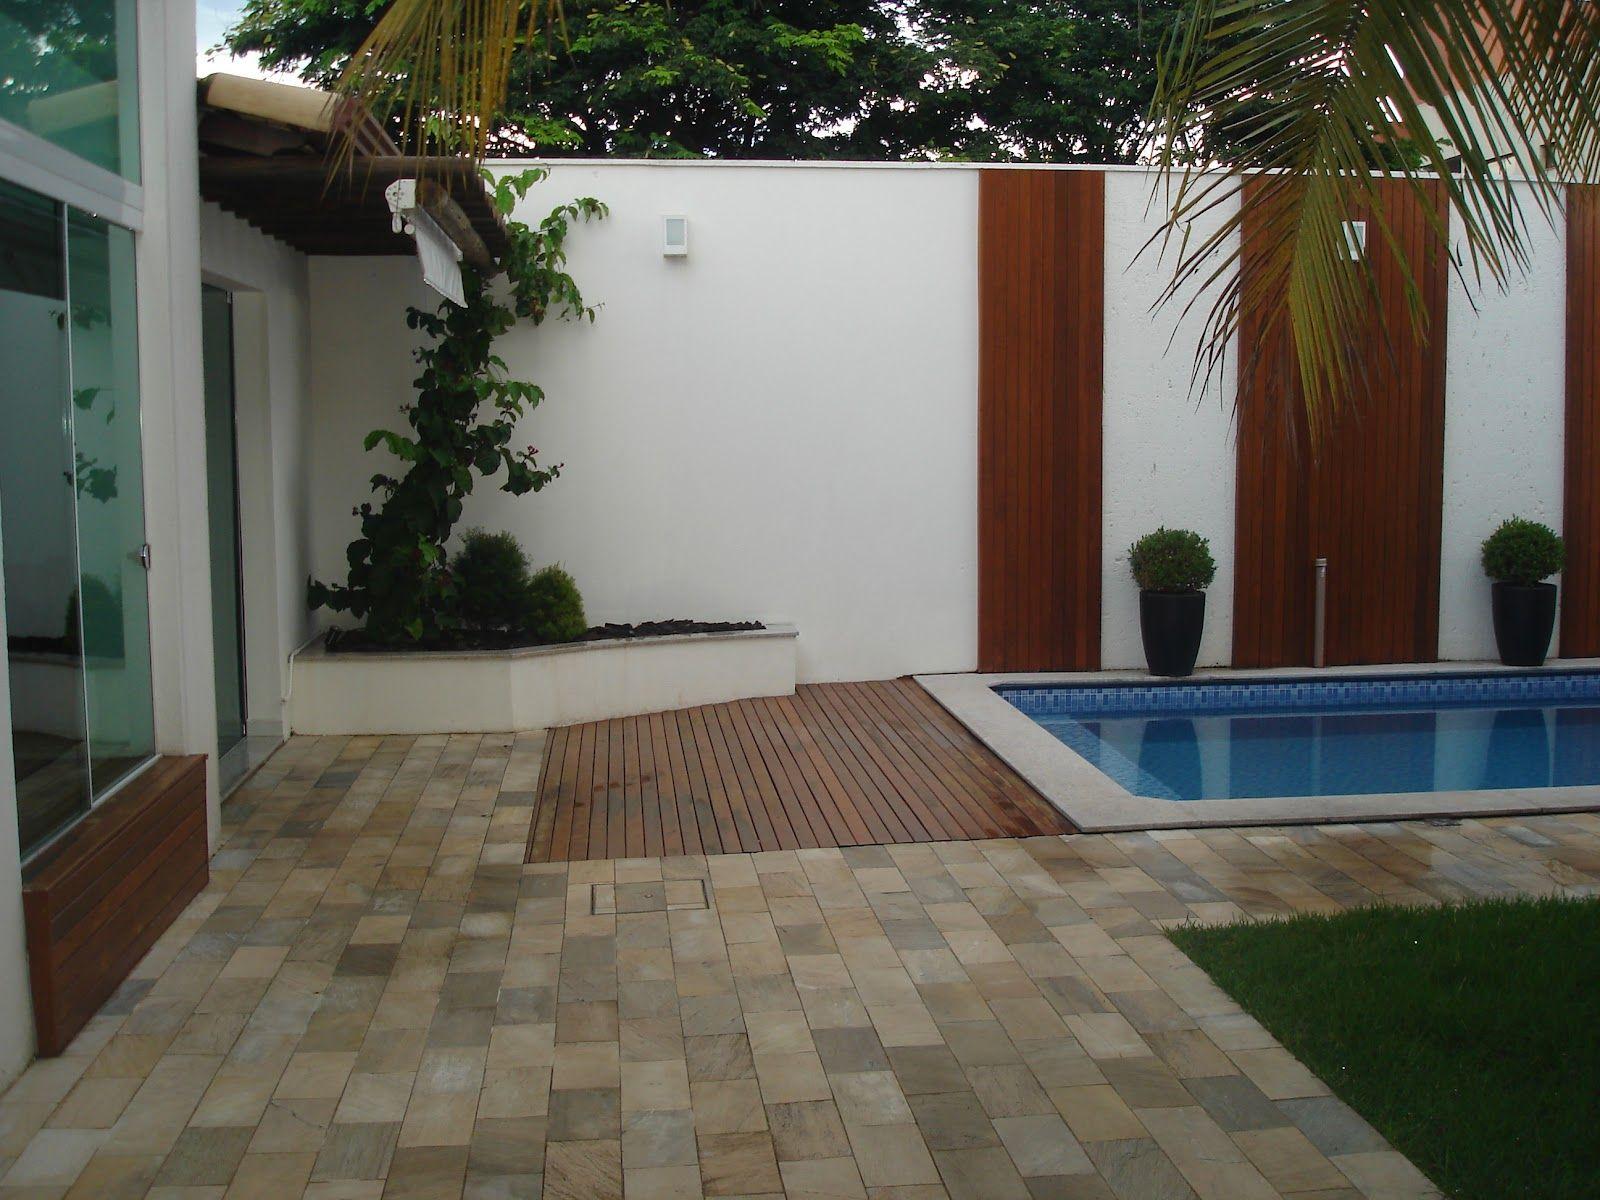 Pin de zoy maria en piscinas pr ximas ao muro decor for Piscina desmontable rectangular 3x2